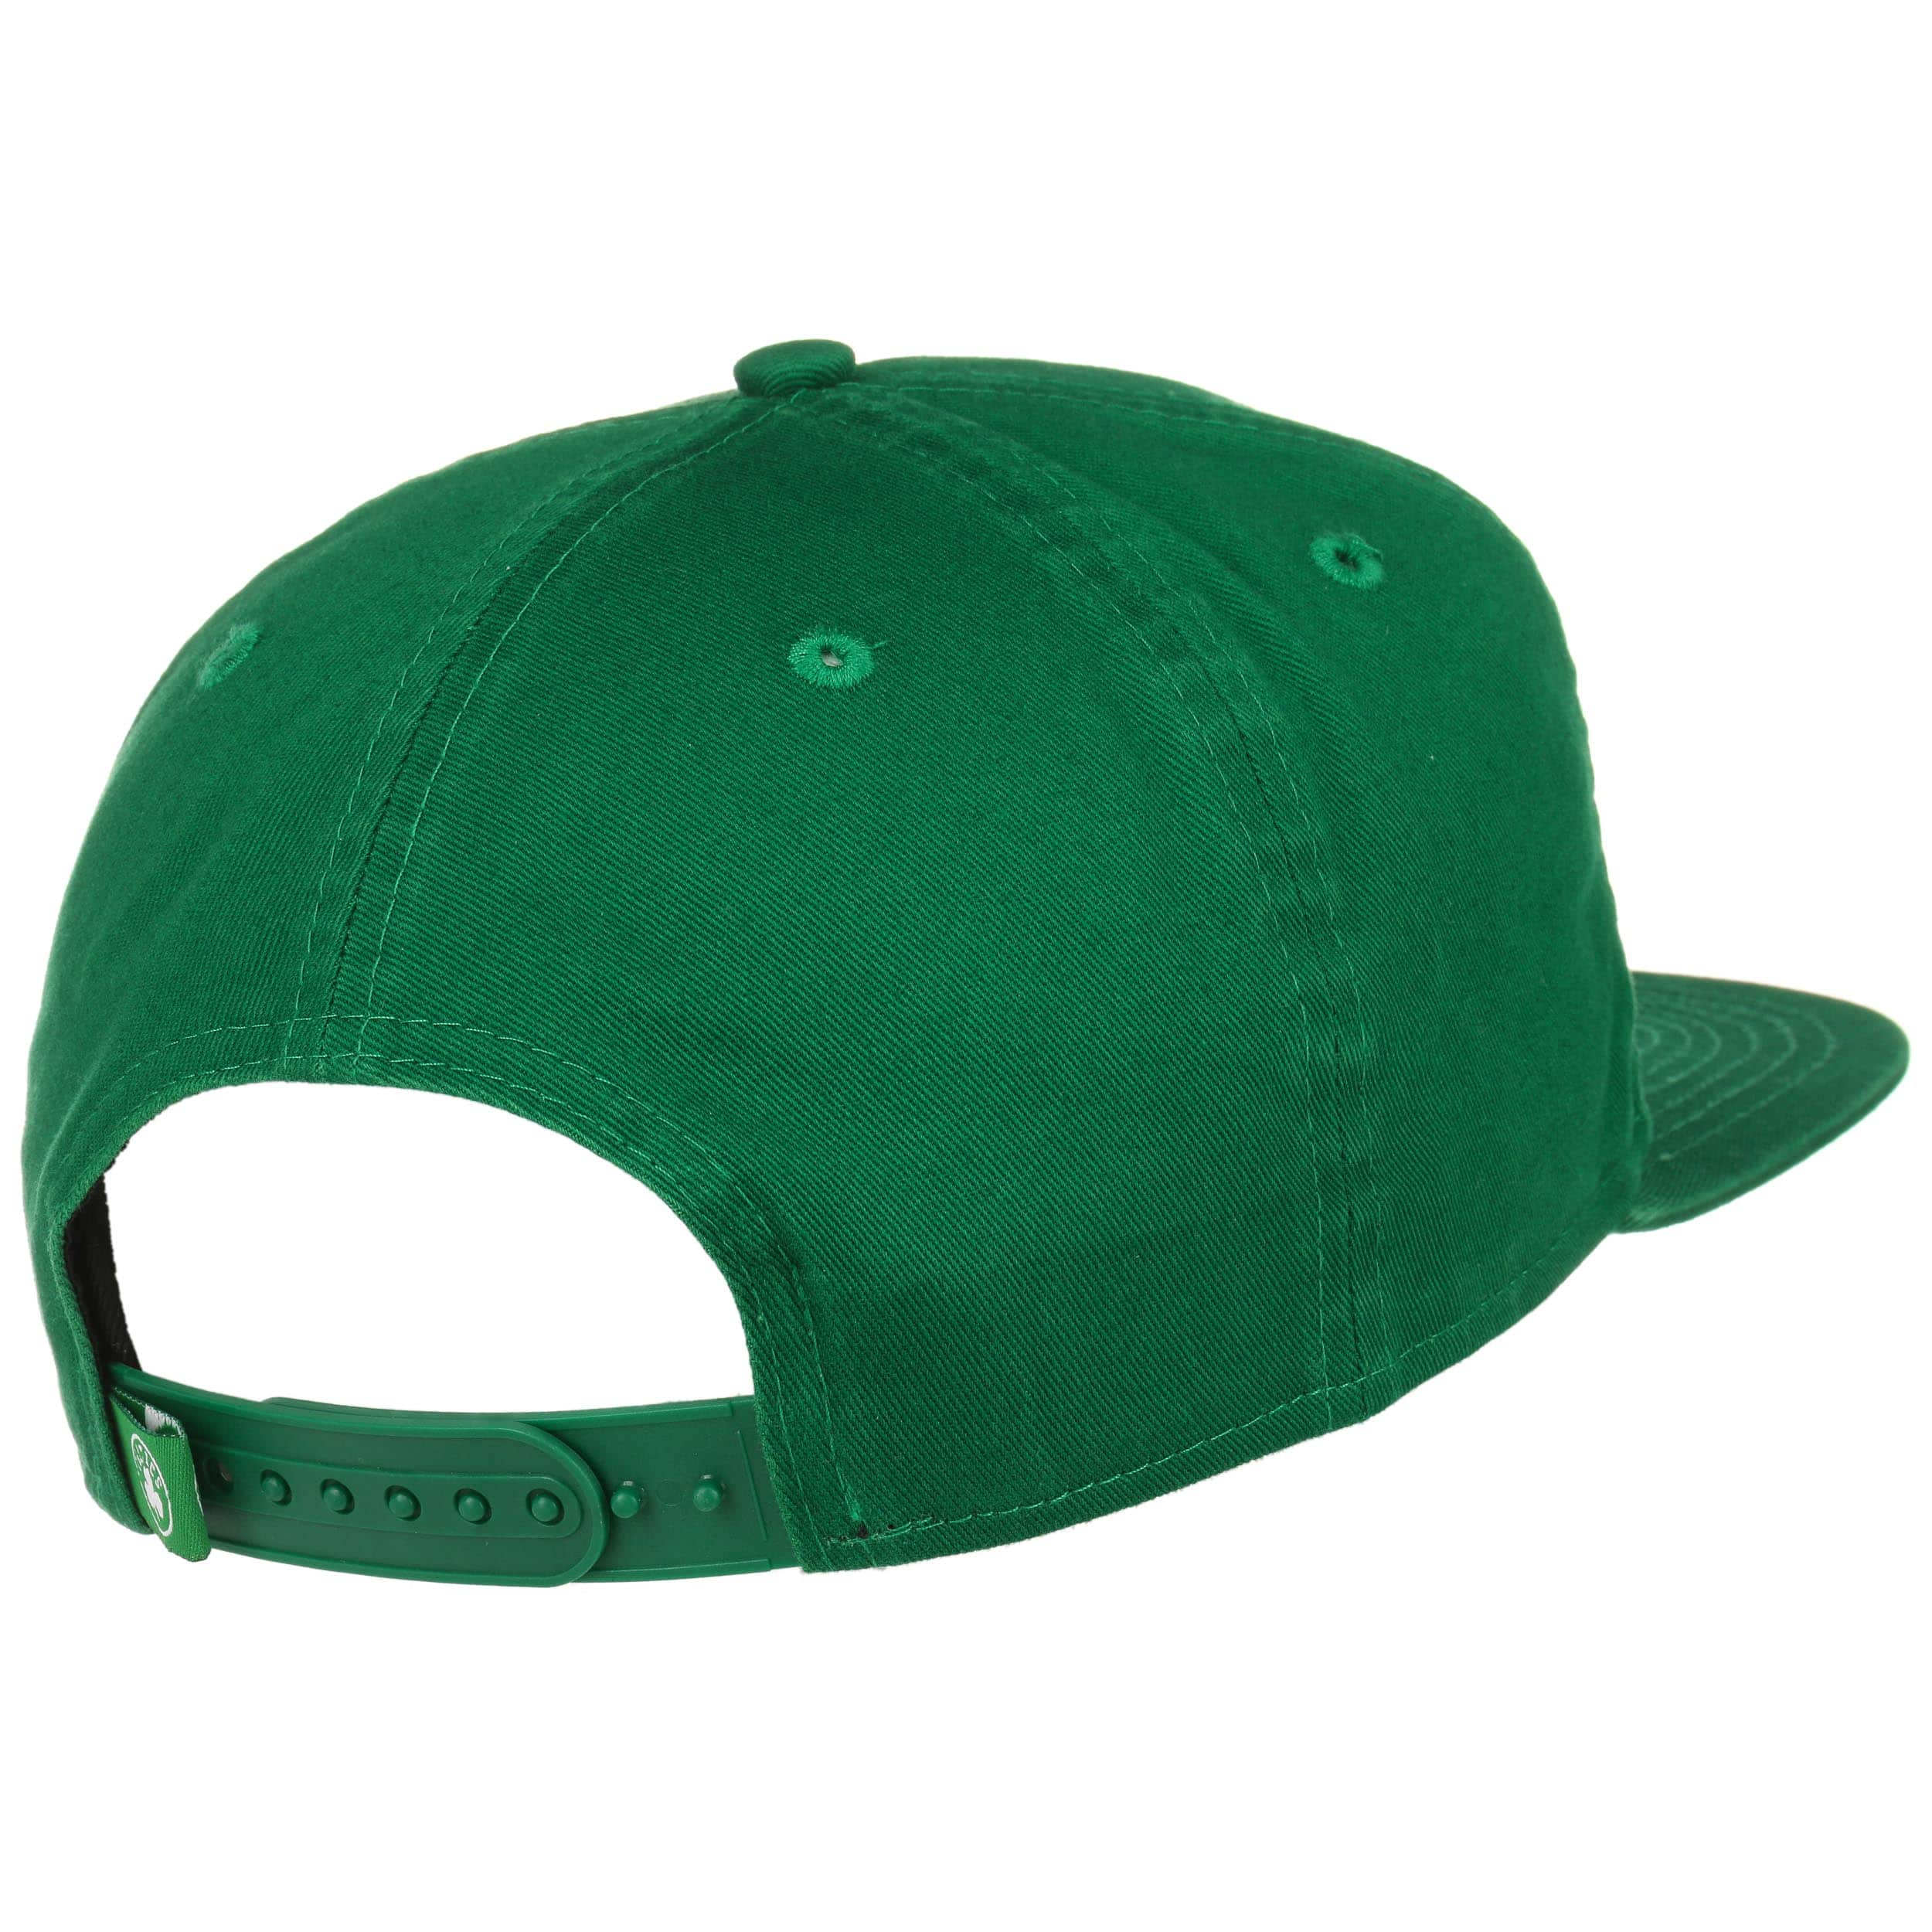 detailed look 5eb5c cba32 ... 9Fifty NBA Retro Celtics Cap by New Era - green 3 ...